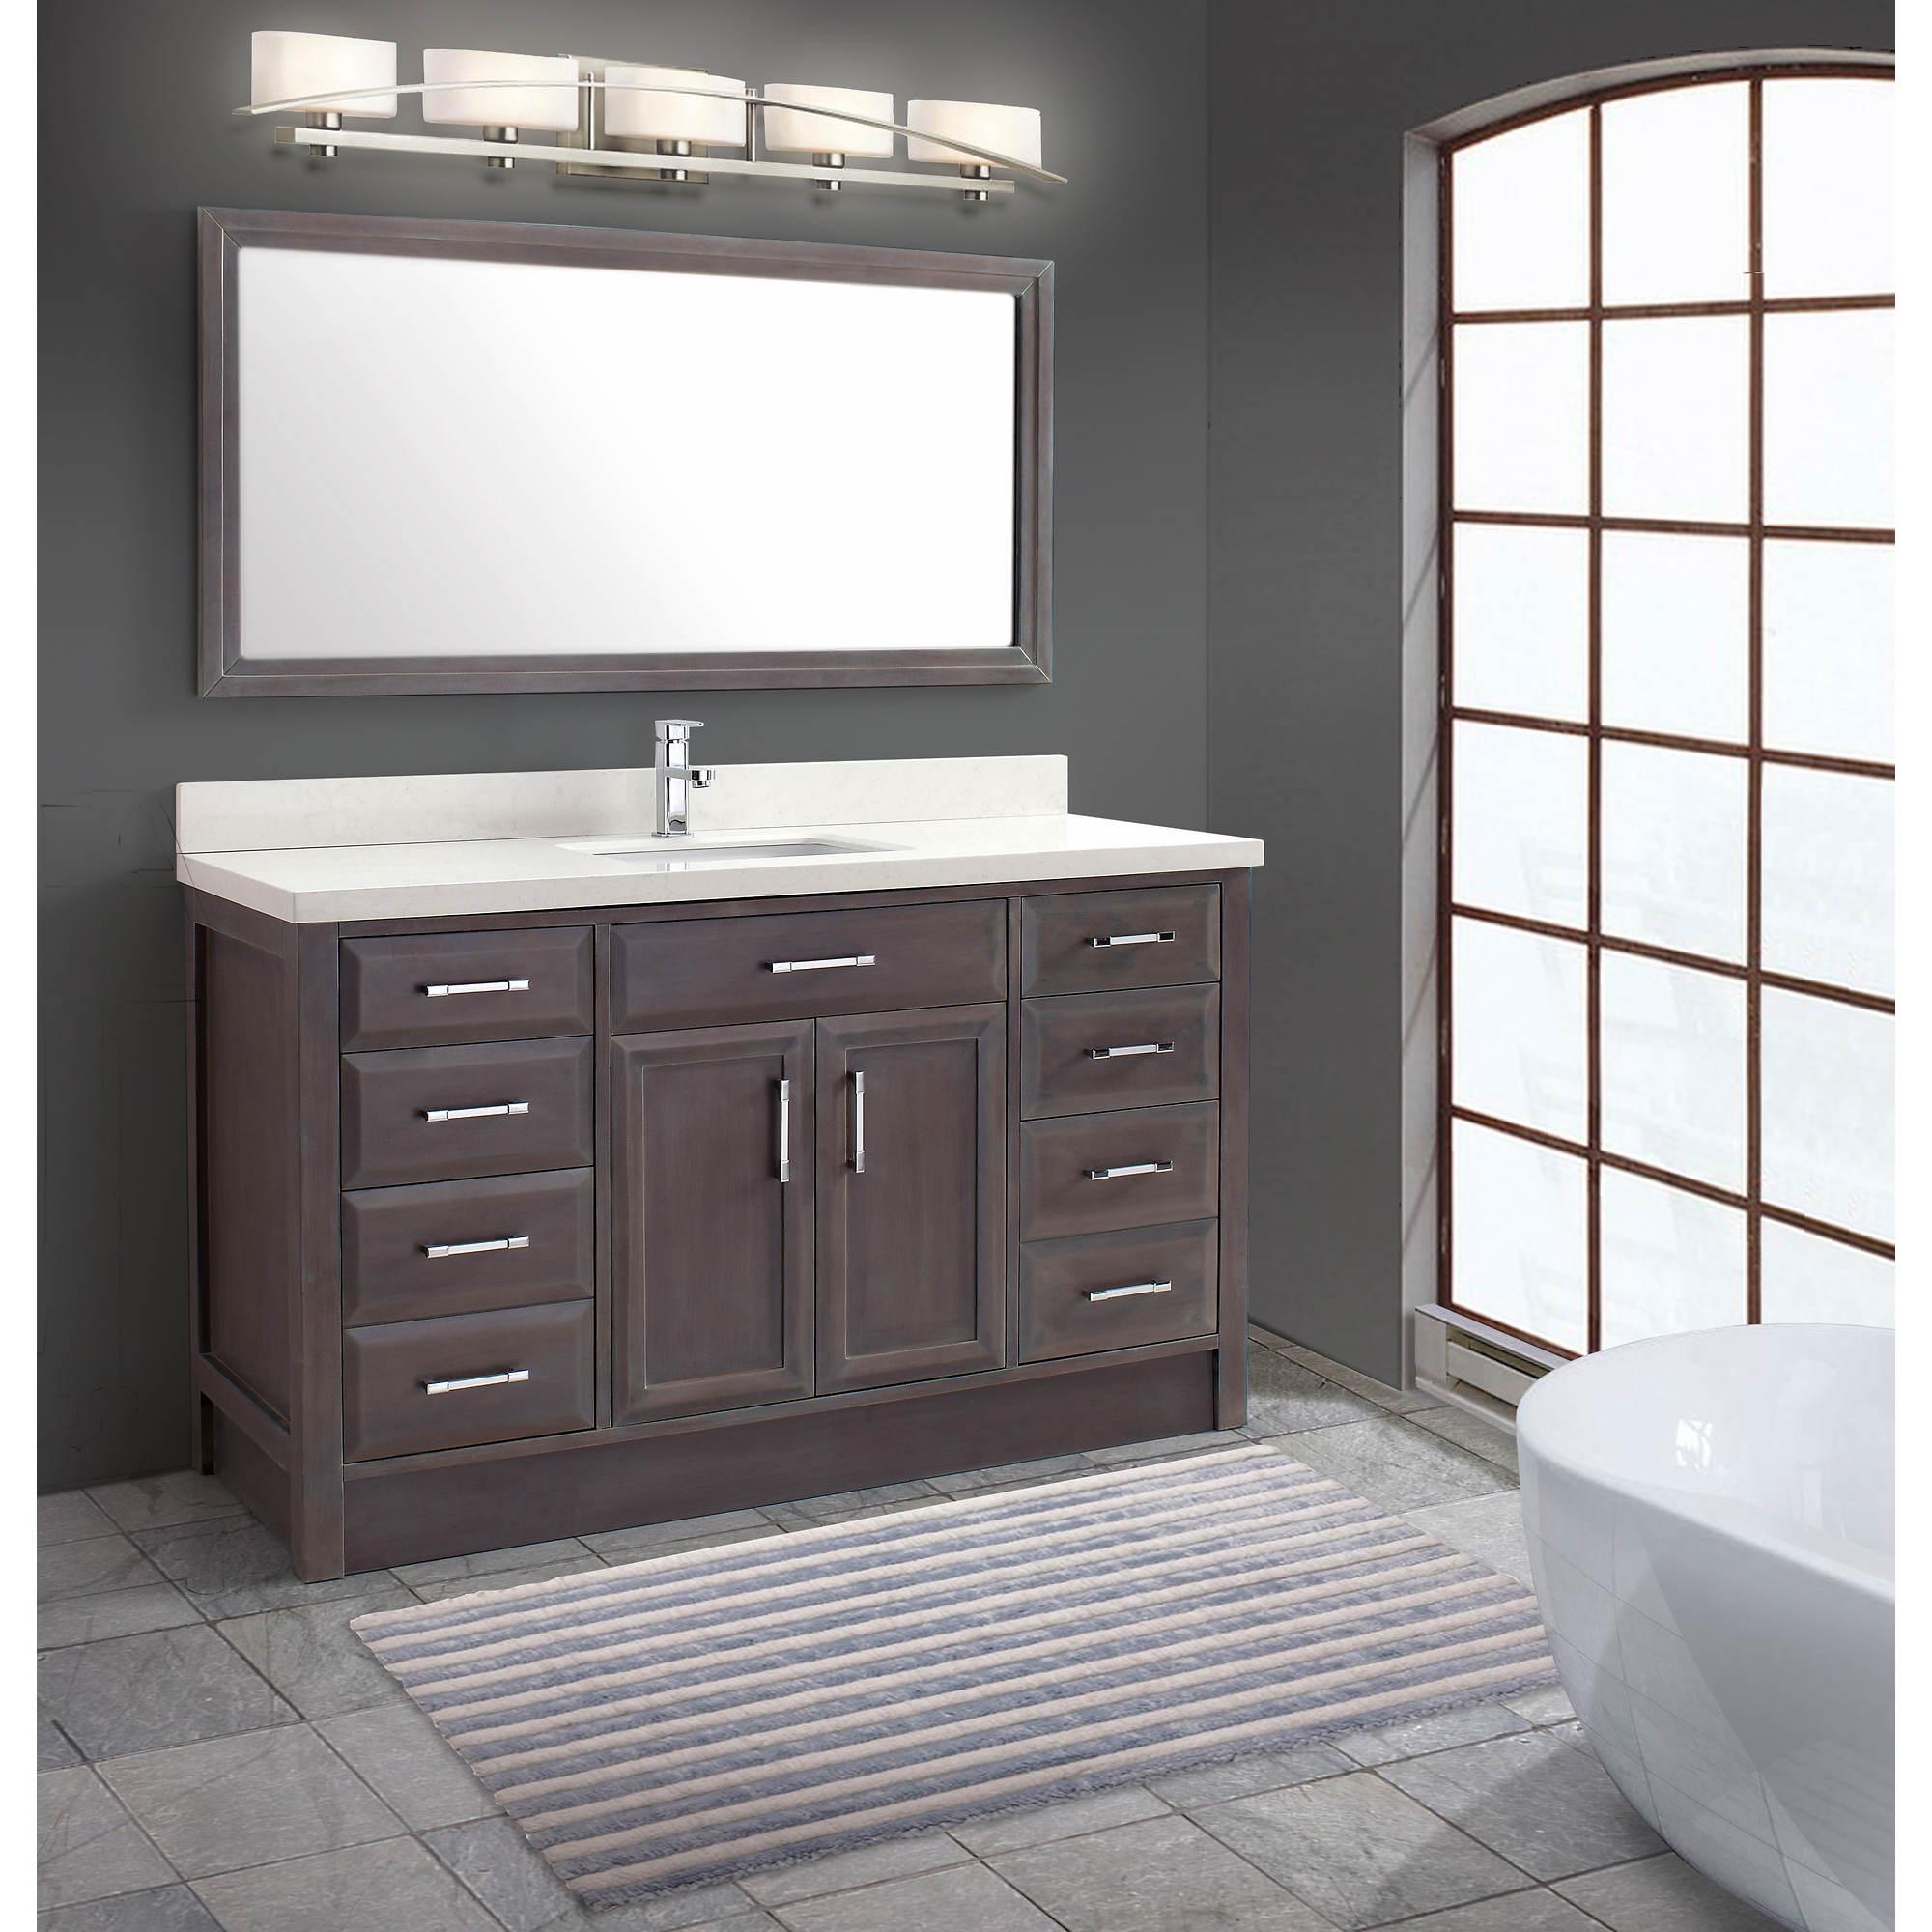 Unique 30 60 Bathroom Vanity